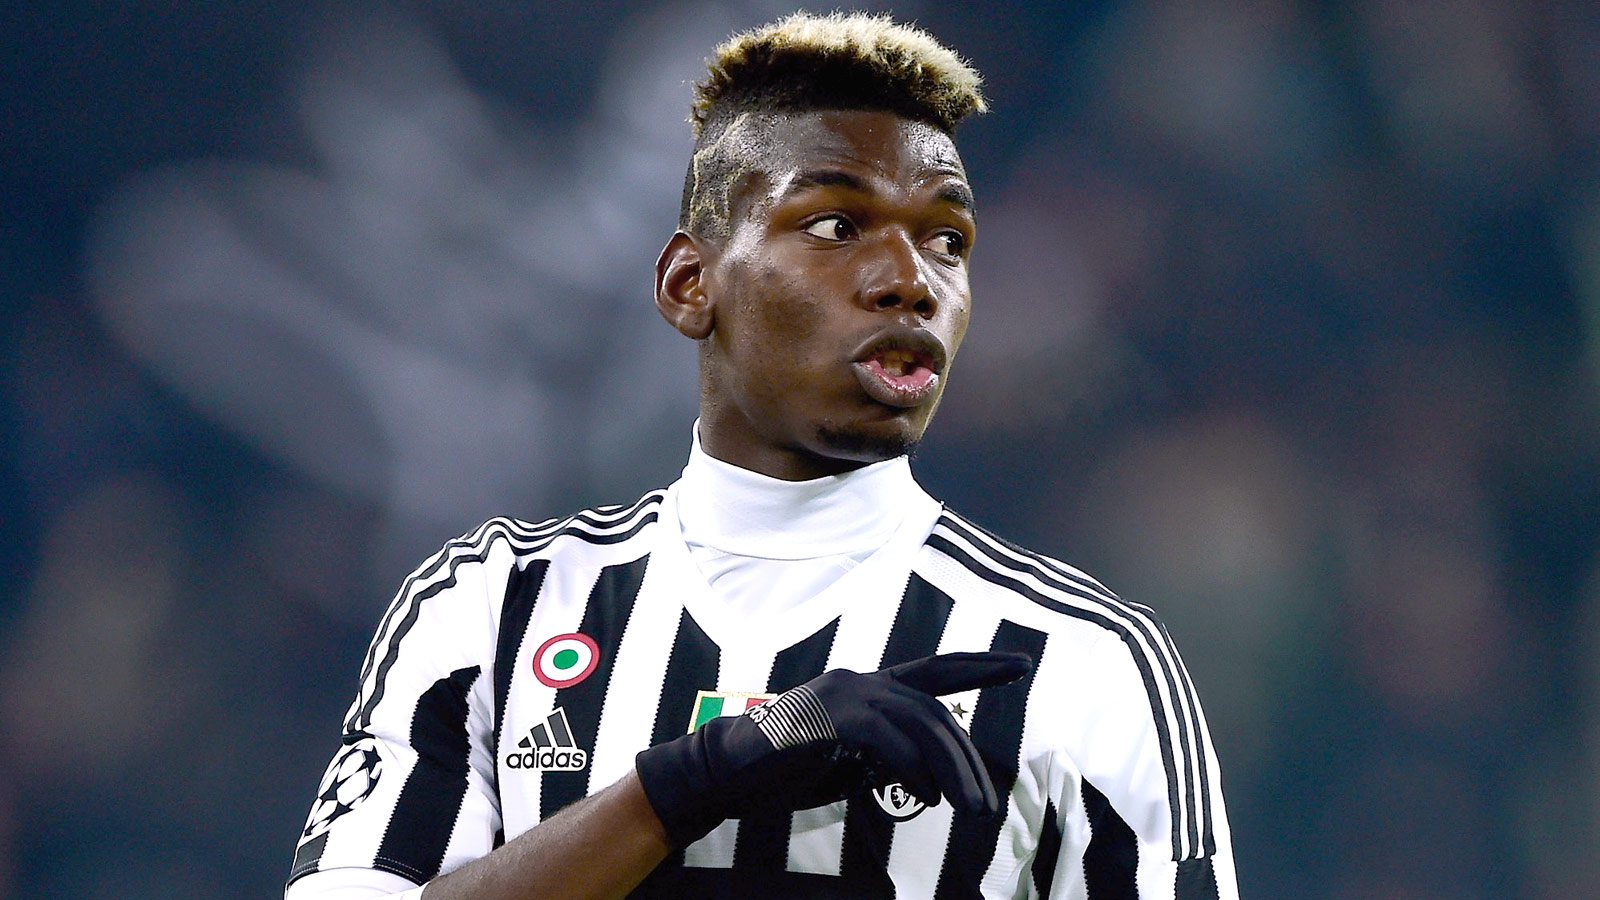 Chelsea plan massive bid for Juventus star Paul Pogba